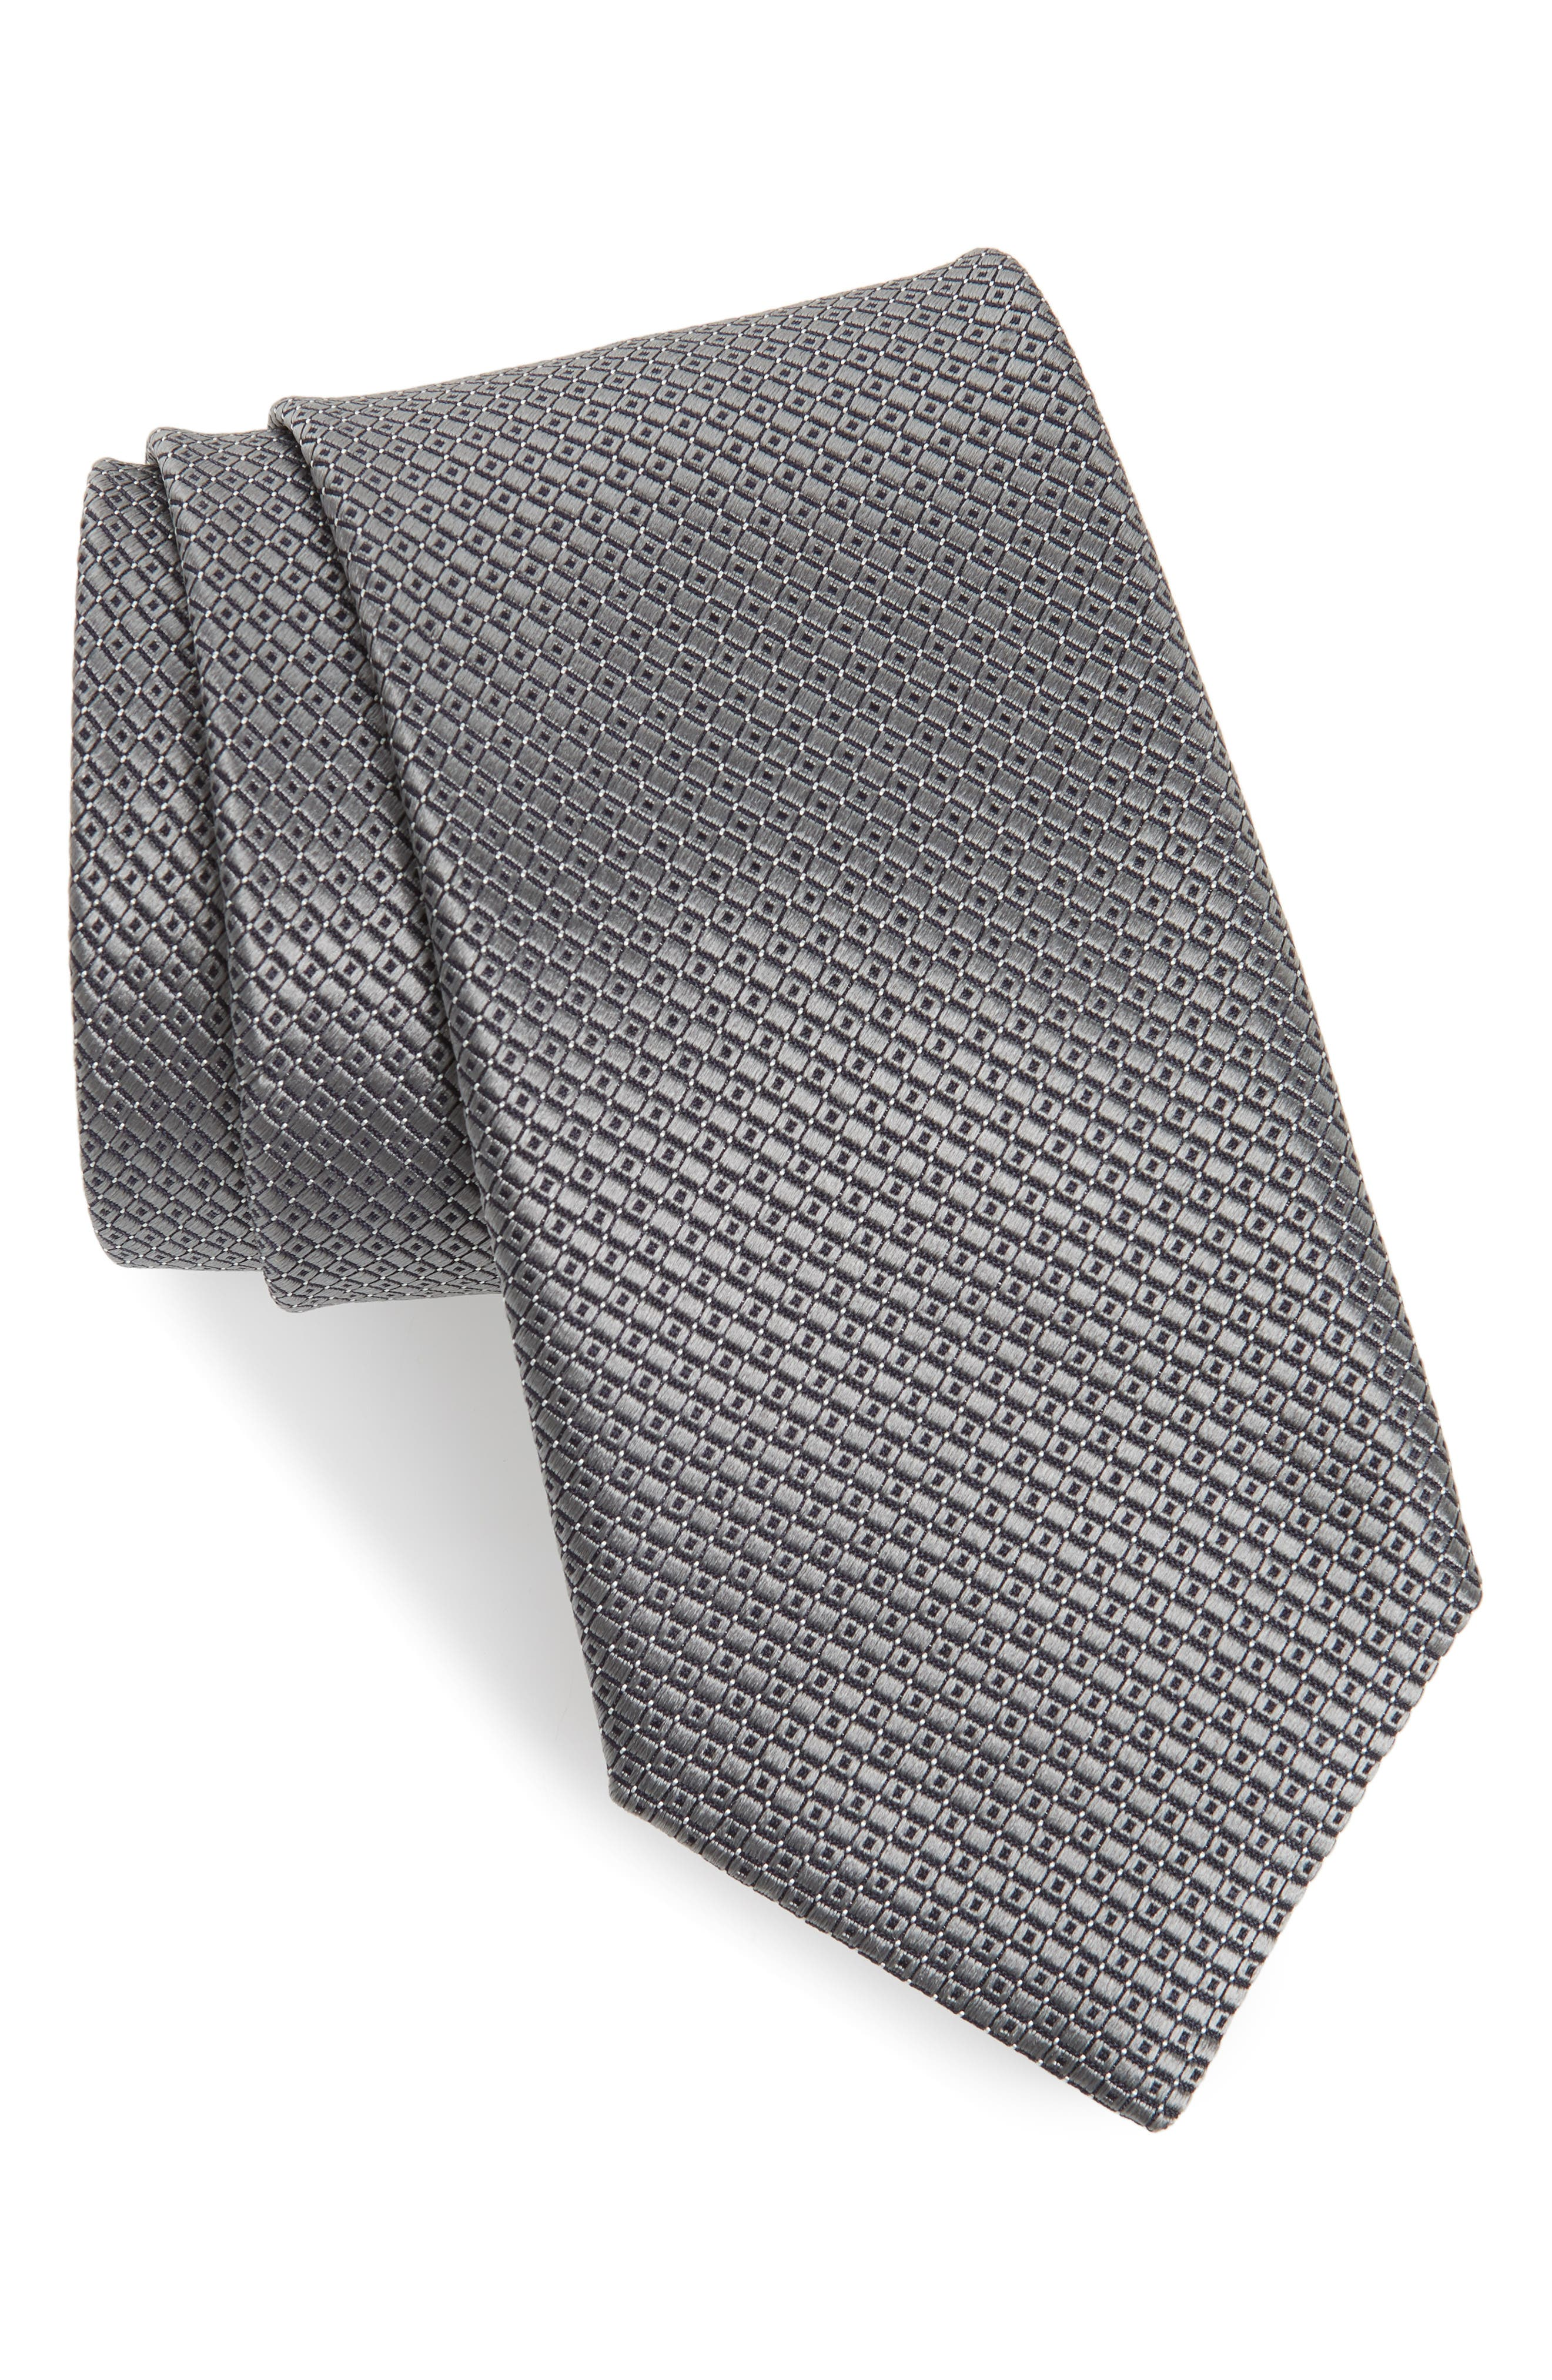 CANALI Geometric Silk Tie, Main, color, SILVER